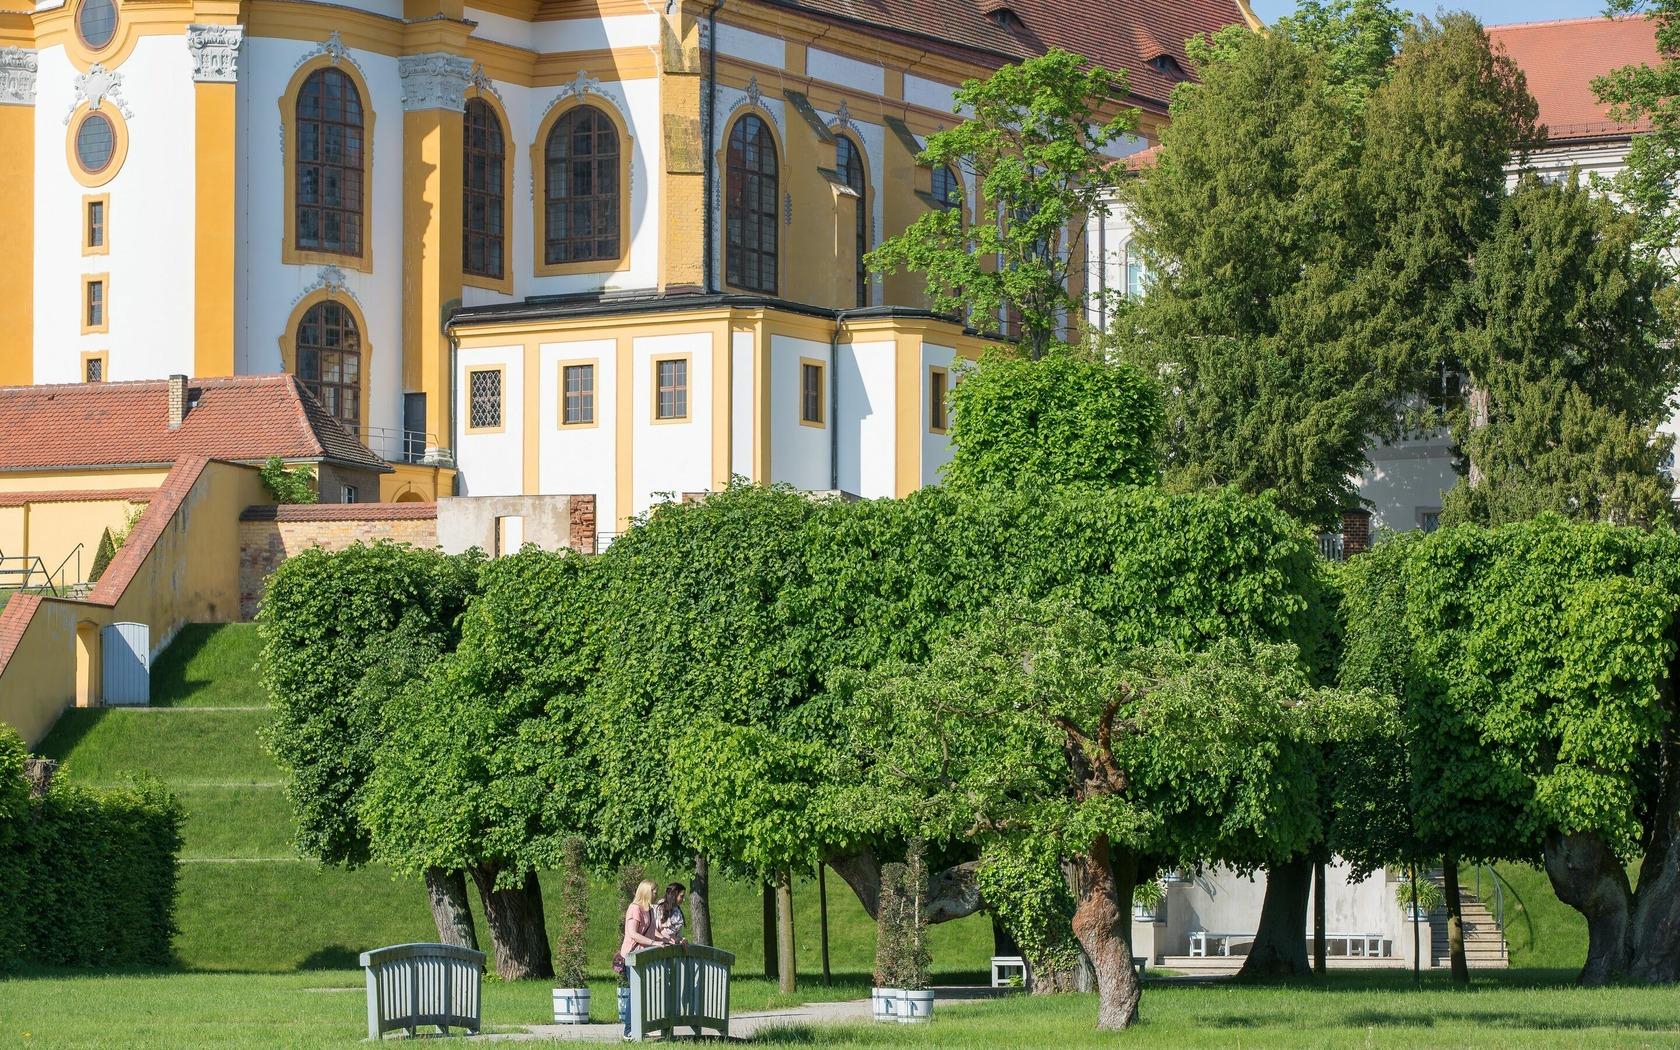 Kloster Neuzelle, Foto: Florian Läufer